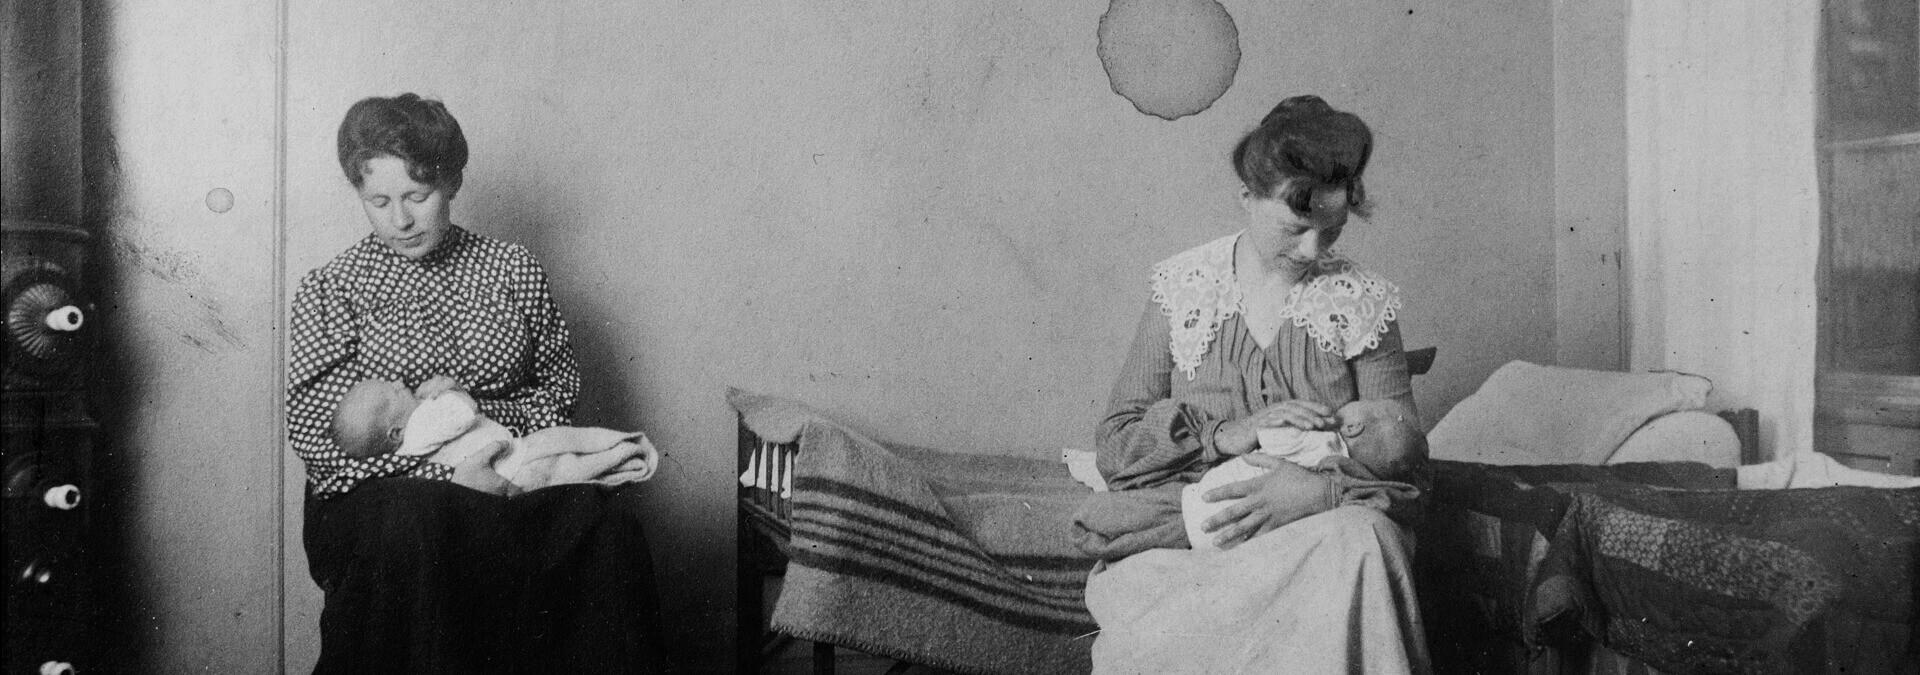 To kvinder sidder i ammestuen for unge mødre, Kvindehjemmets historie